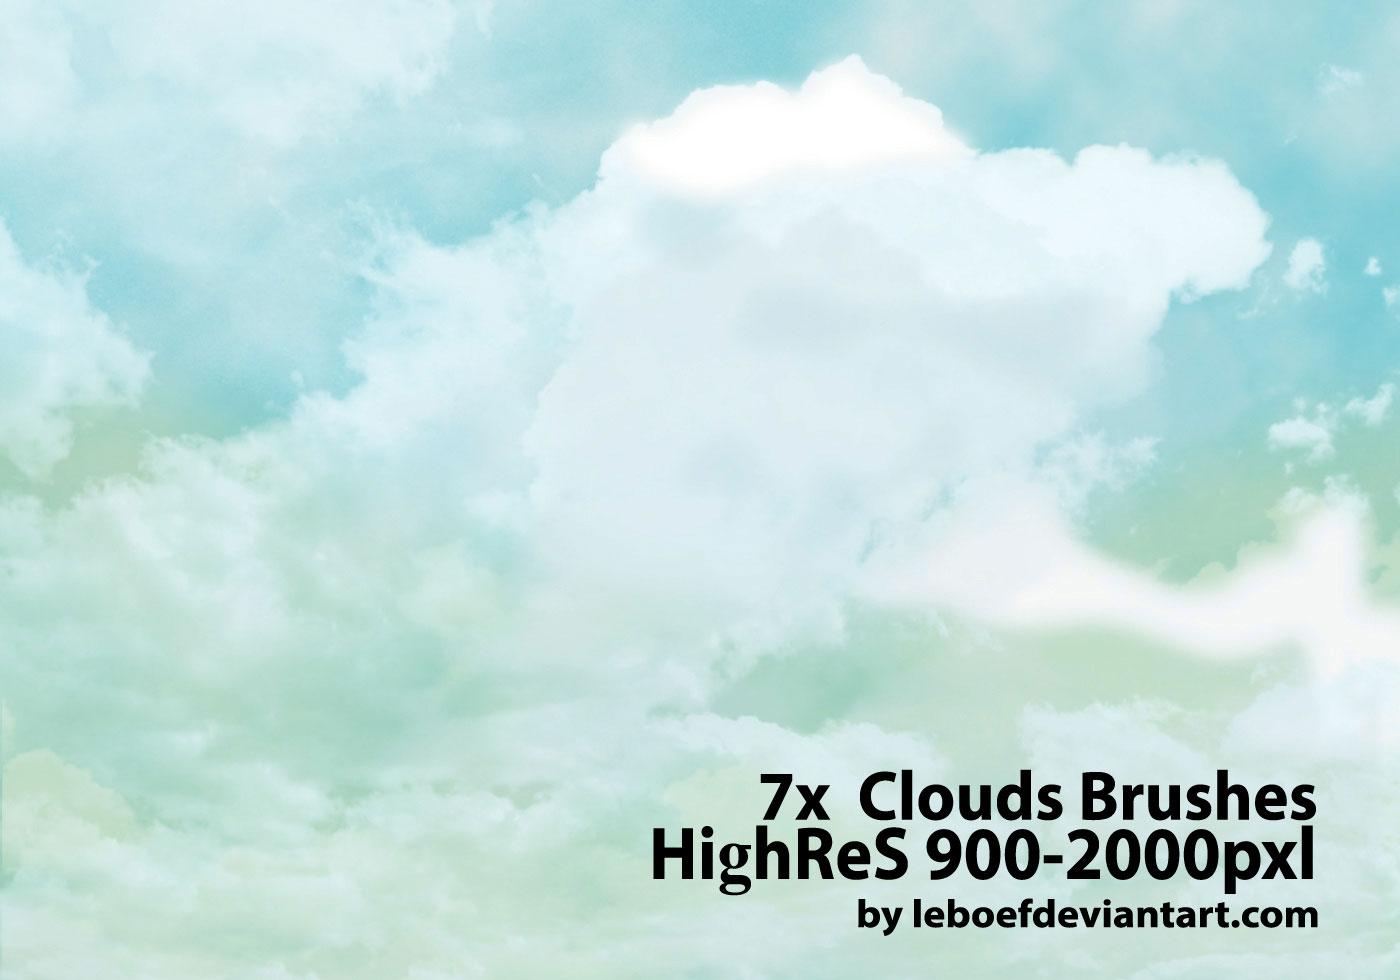 Cloud Photoshop Brushes Free Photoshop Brushes At Brusheezy